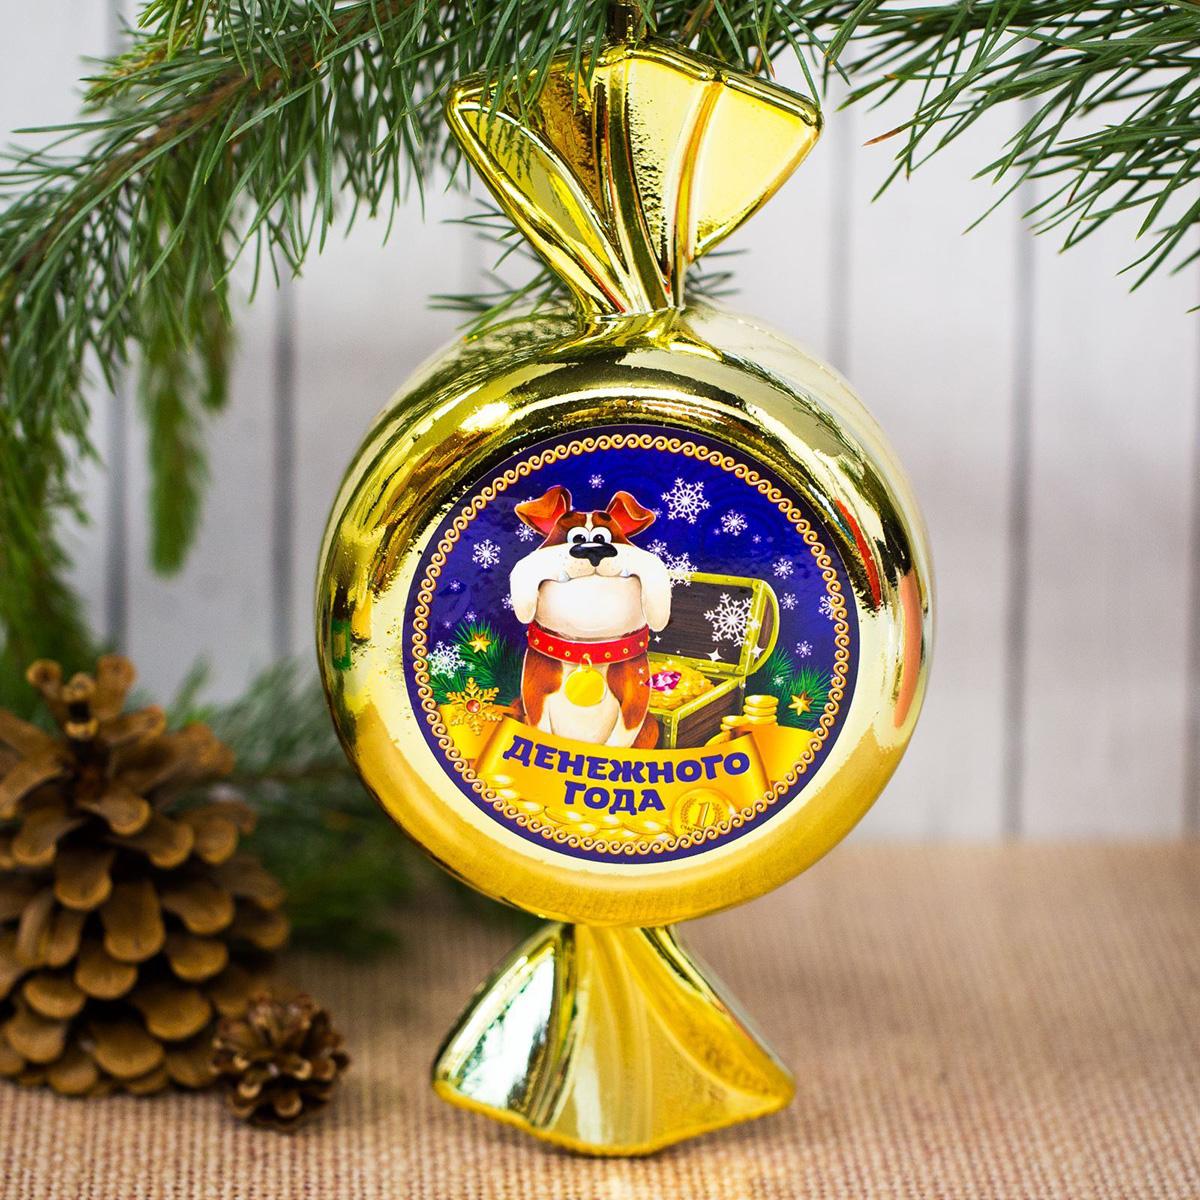 Новогоднее подвесное украшение Конфета. Денежного года, 18 х 13 см2393782Новогоднее подвесное украшение отлично подойдет для декорации вашего дома и новогодней ели. С помощью специальной петельки украшение можно повесить в любом понравившемся вам месте. Но, конечно, удачнее всего оно будет смотреться на праздничной елке.Елочная игрушка - символ Нового года. Она несет в себе волшебство и красоту праздника. Такое украшение создаст в вашем доме атмосферу праздника, веселья и радости.